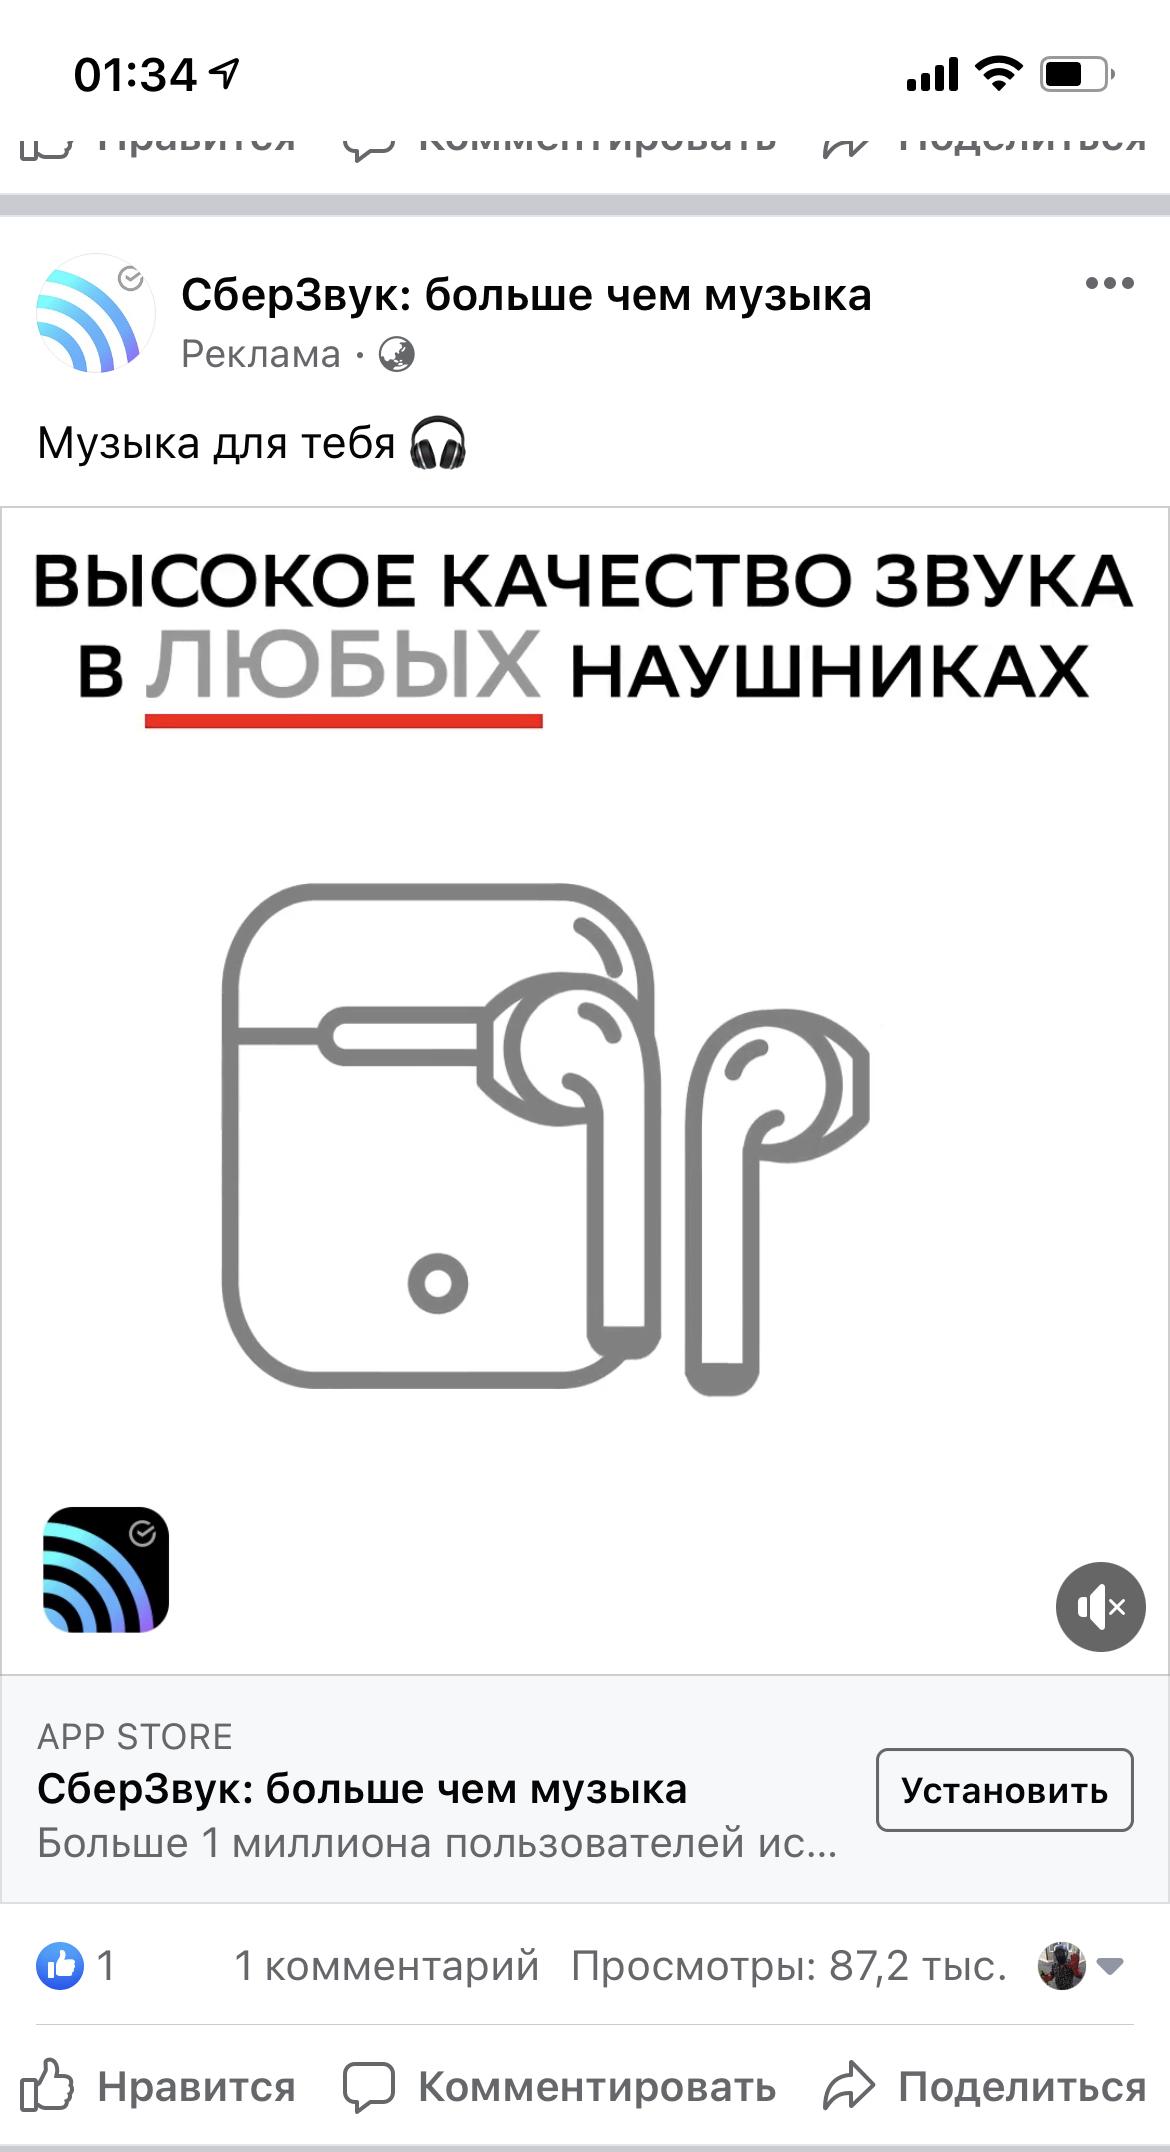 3F551403-A618-4A71-BB9C-176747BEB017.jpeg